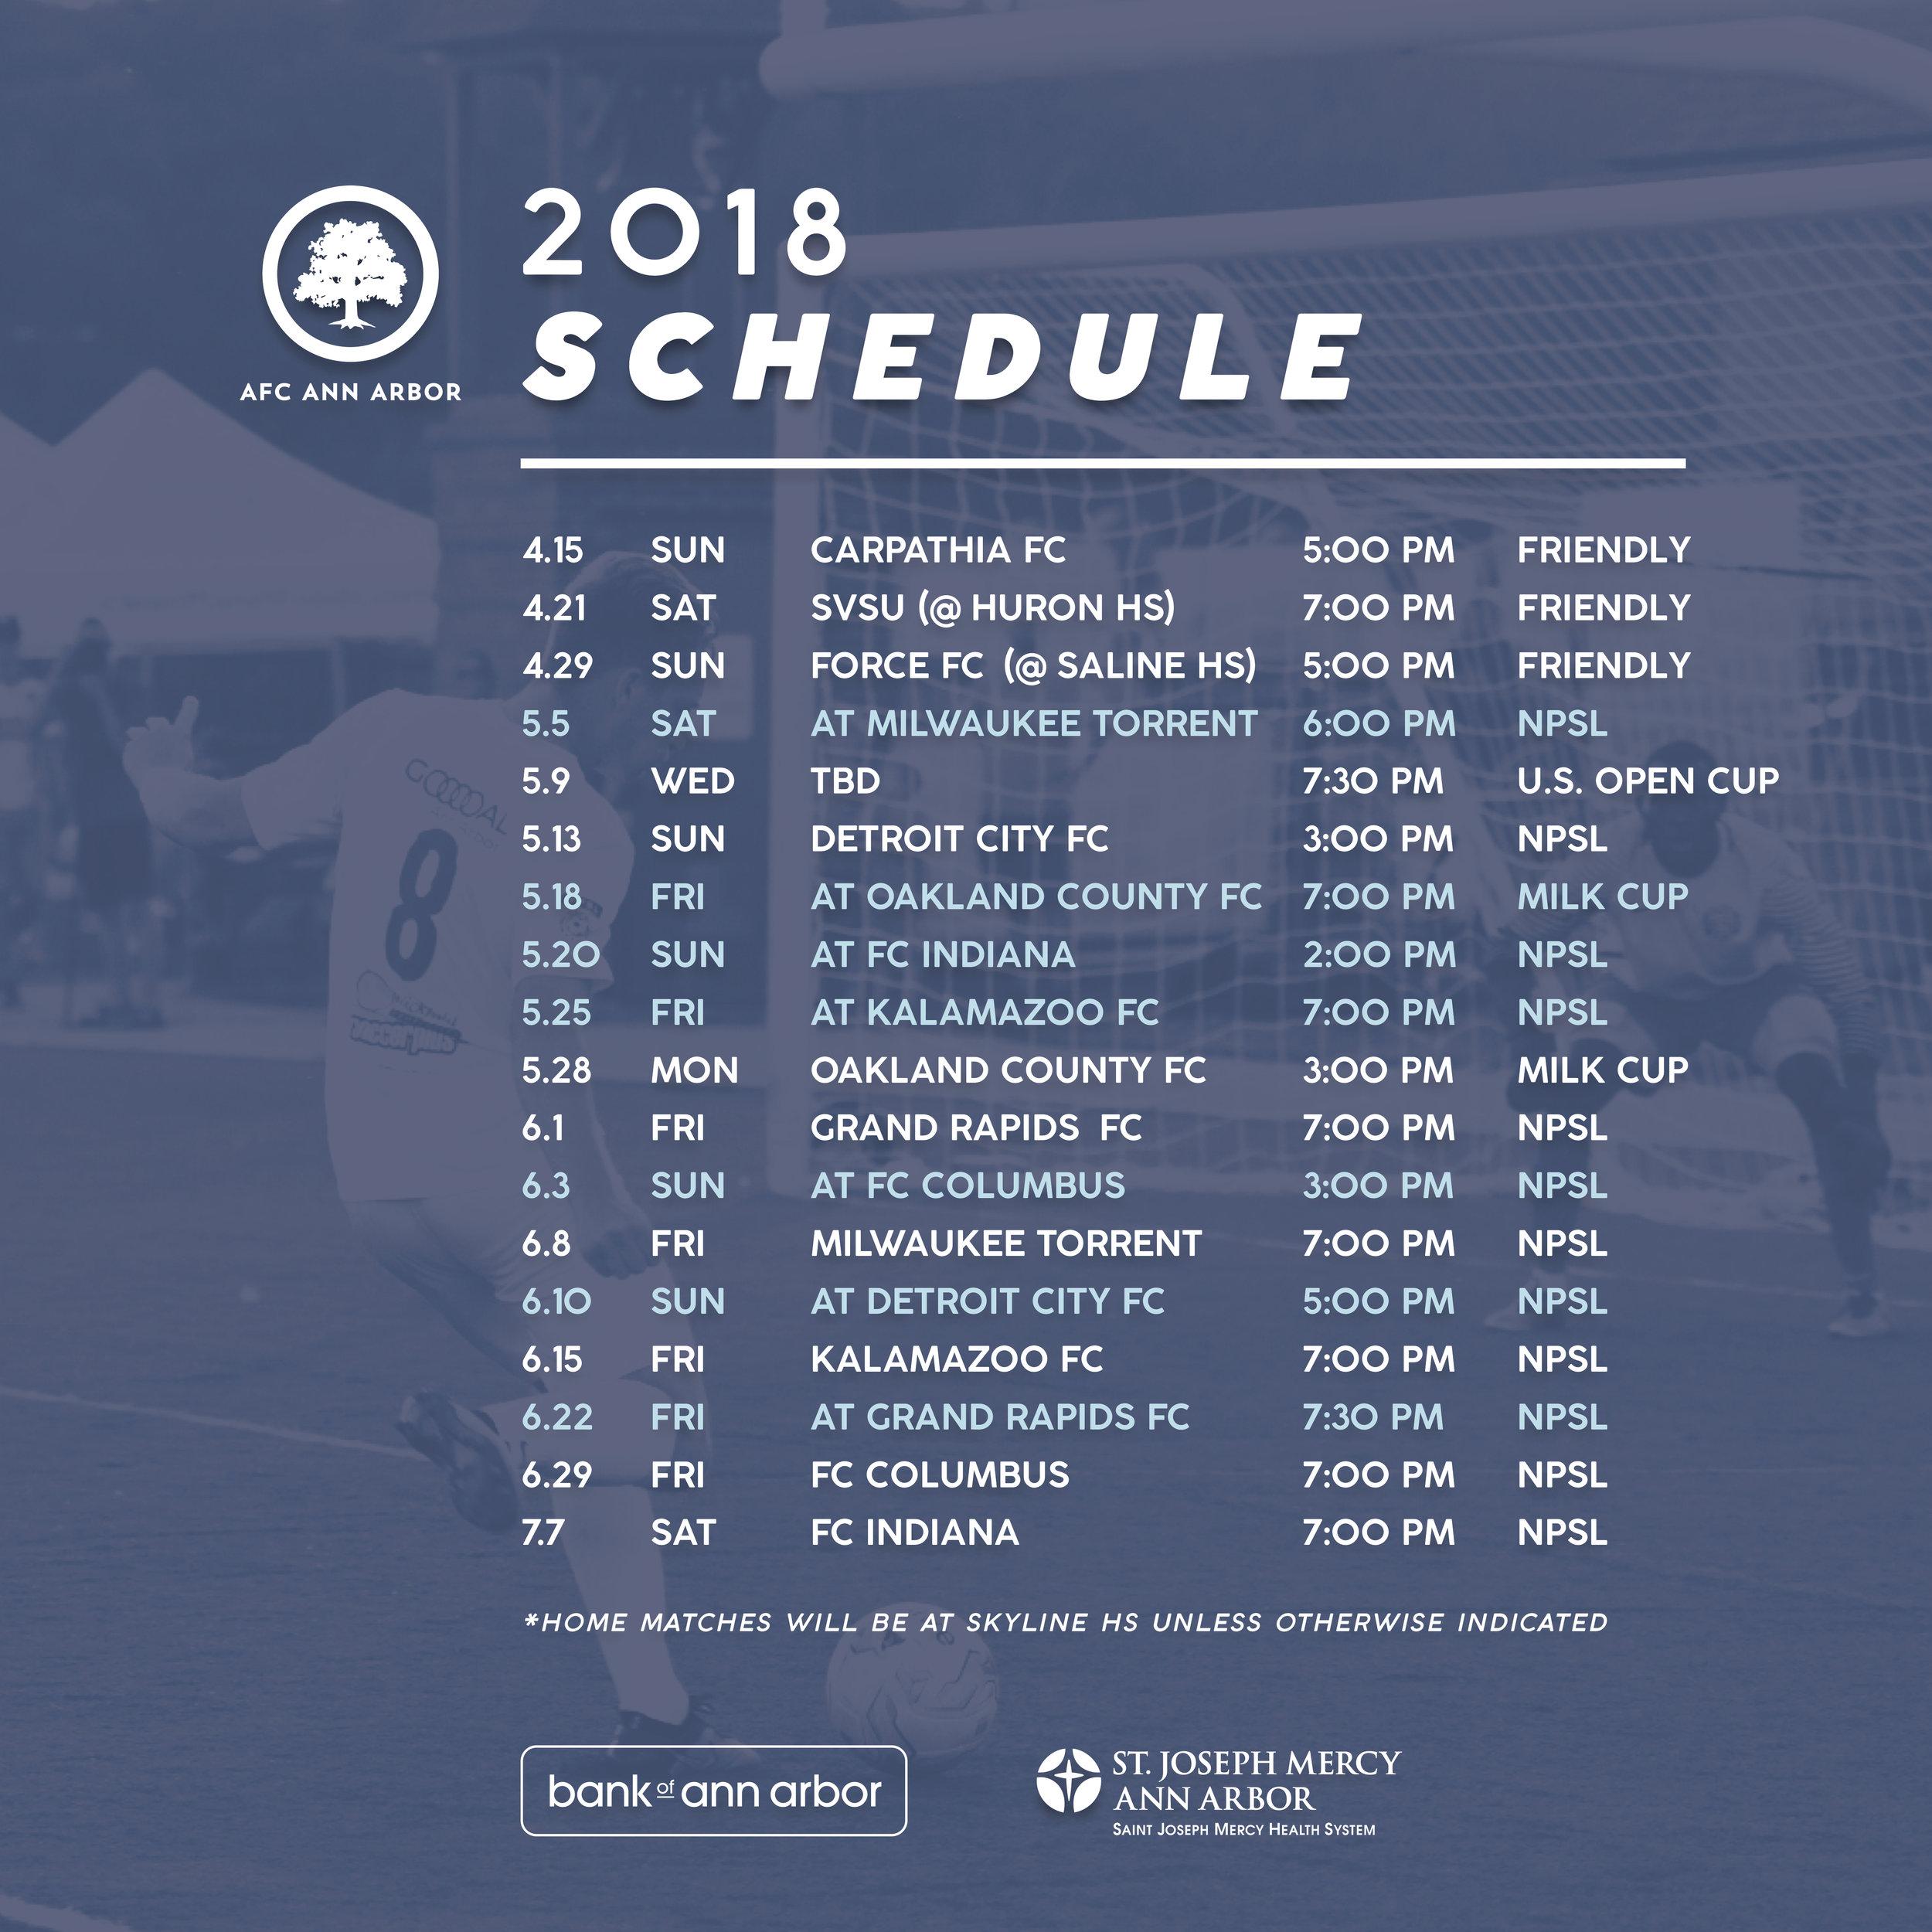 schedule_all_ig.jpg